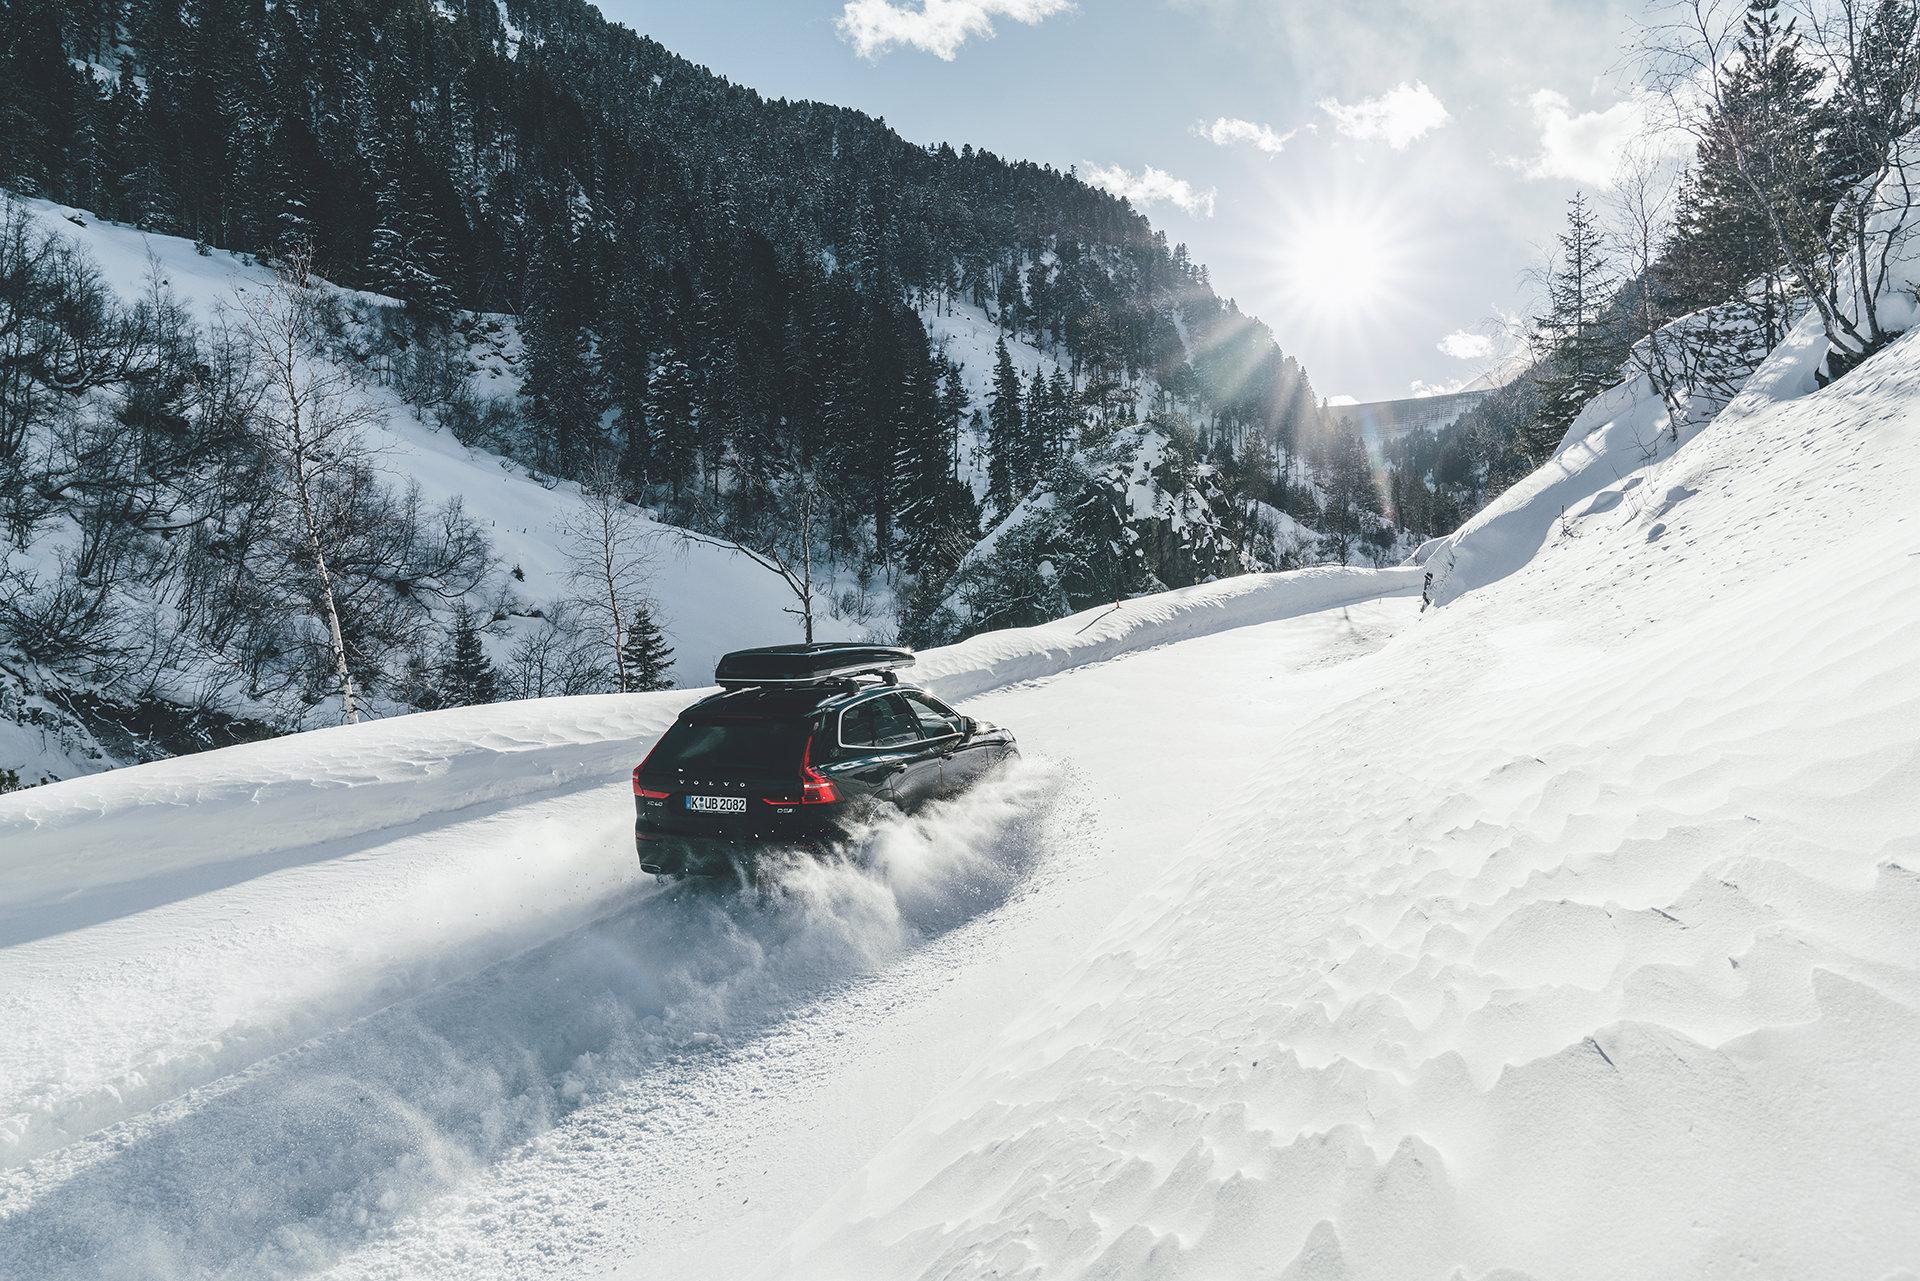 auto-schnee-fahren-sonne-berge